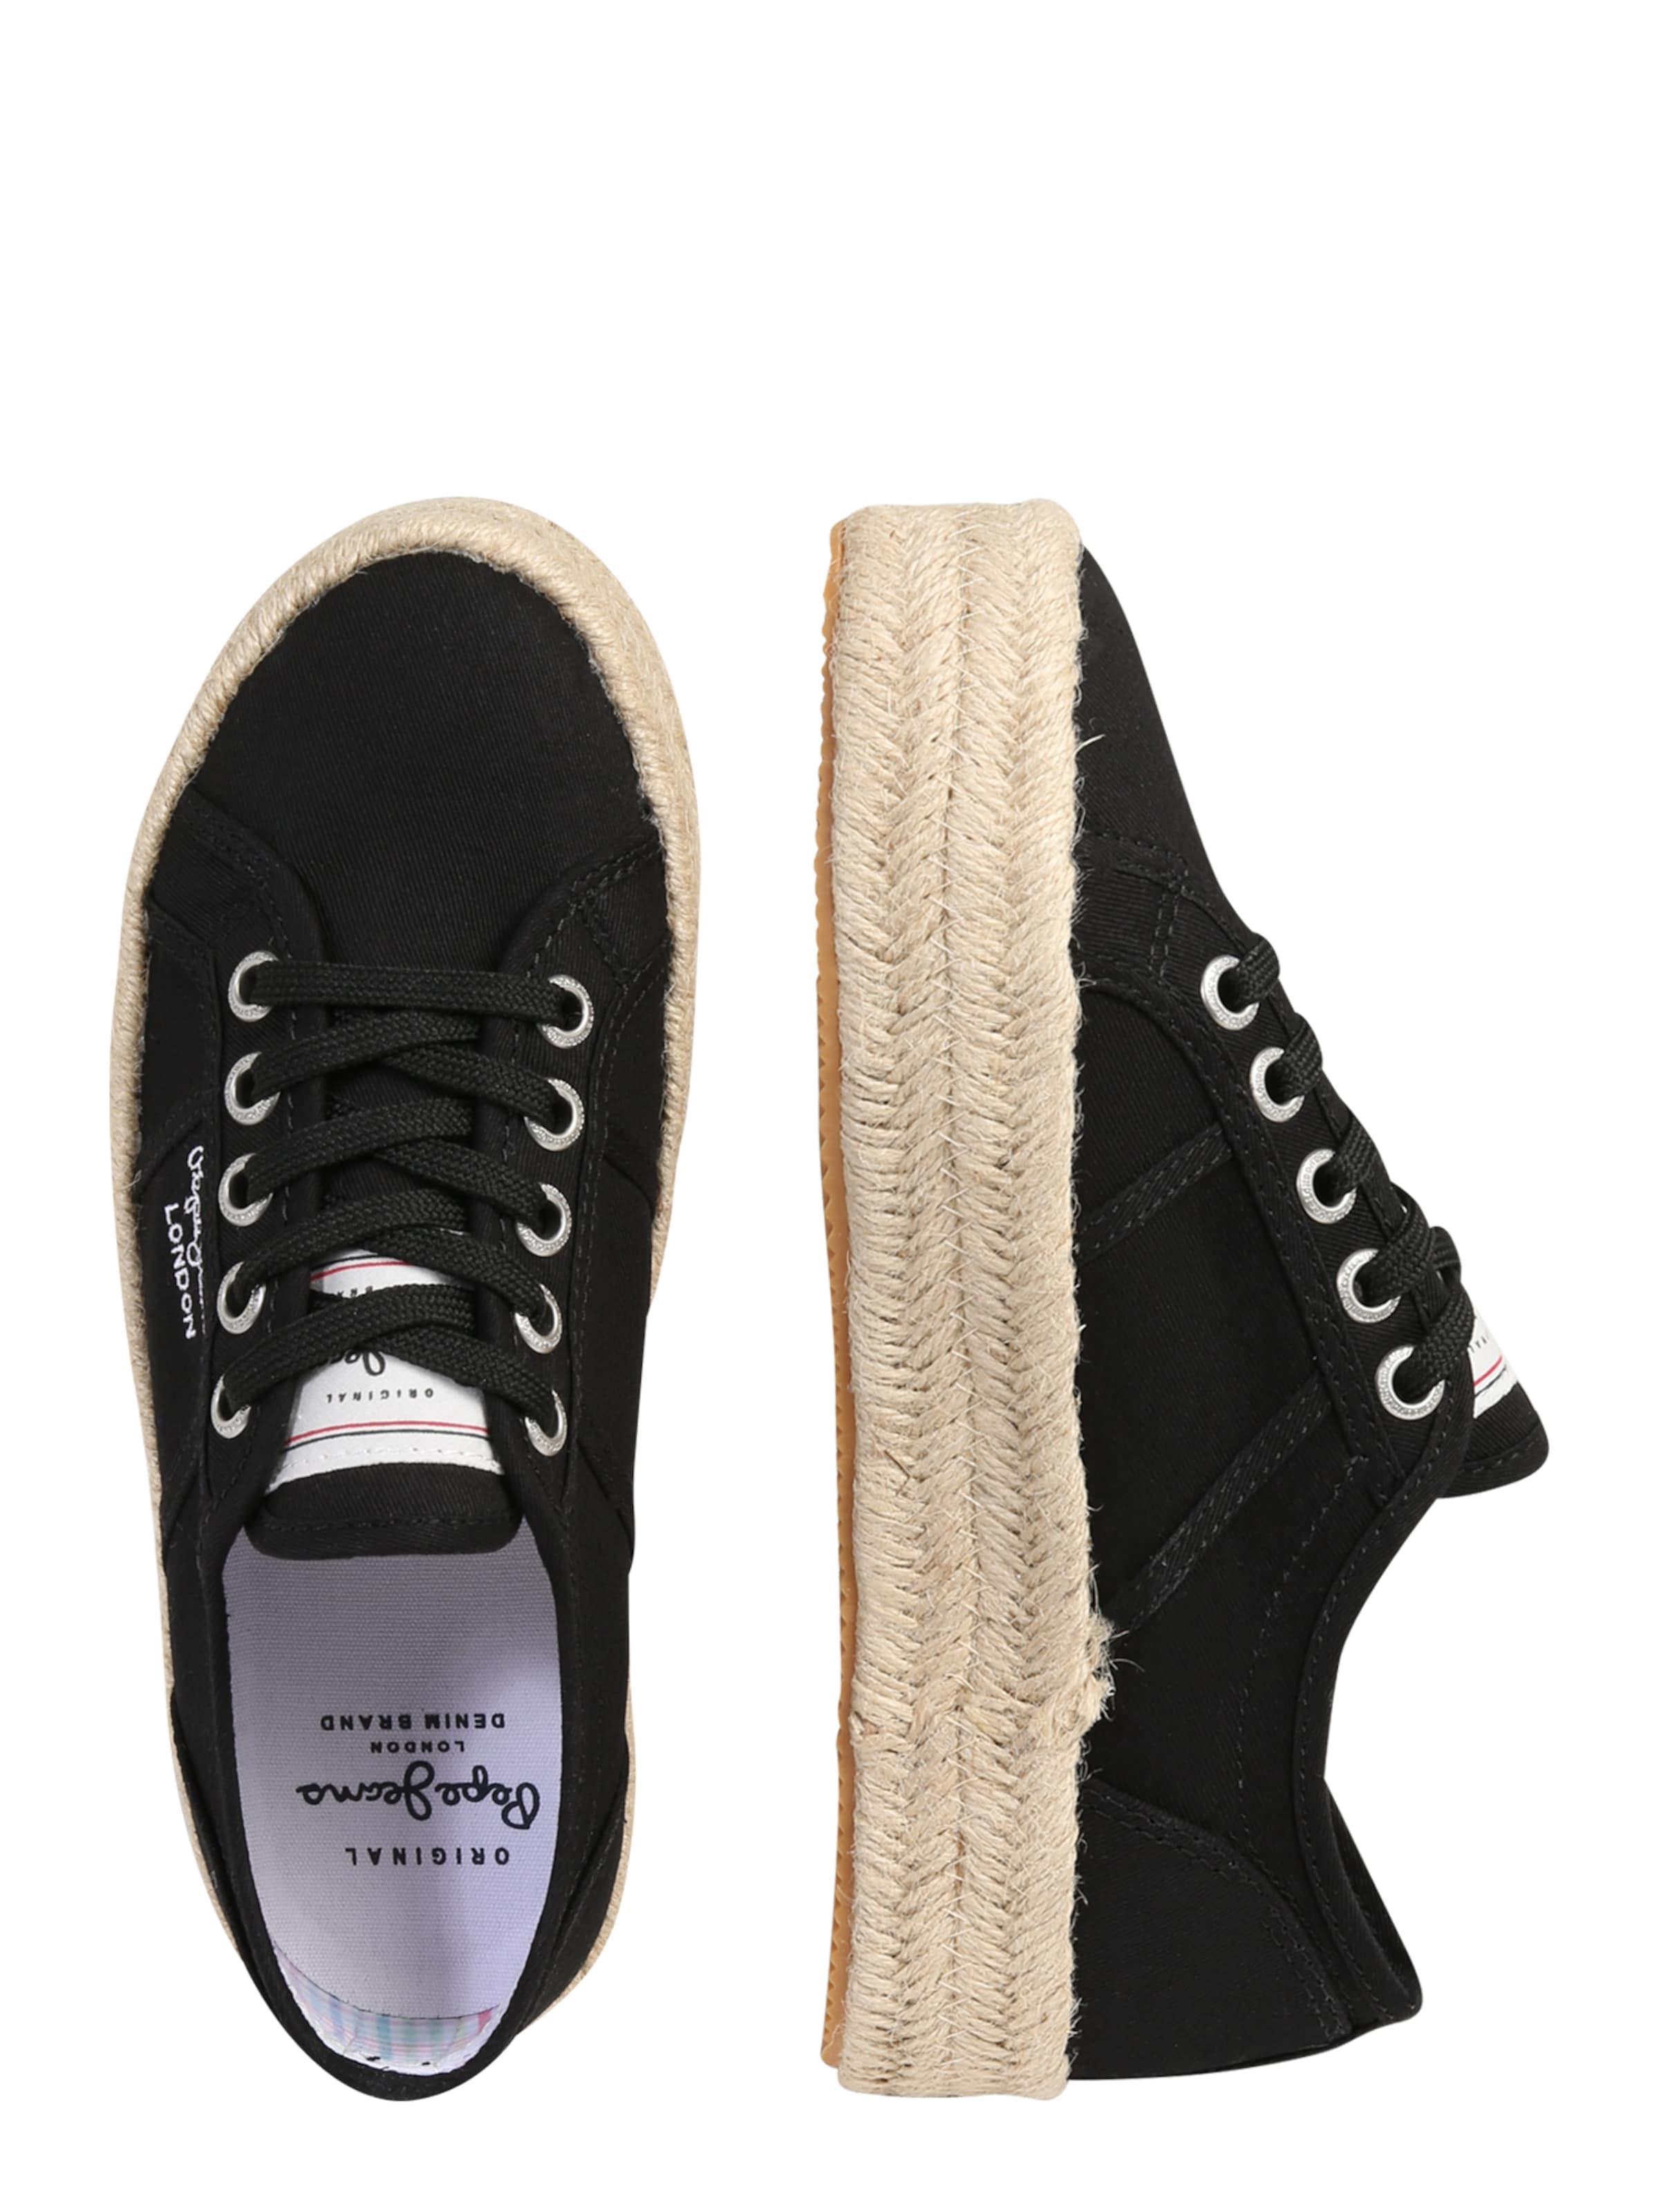 Chaussure À Pepe Jeans En Lacets Noir QrxsthdBC